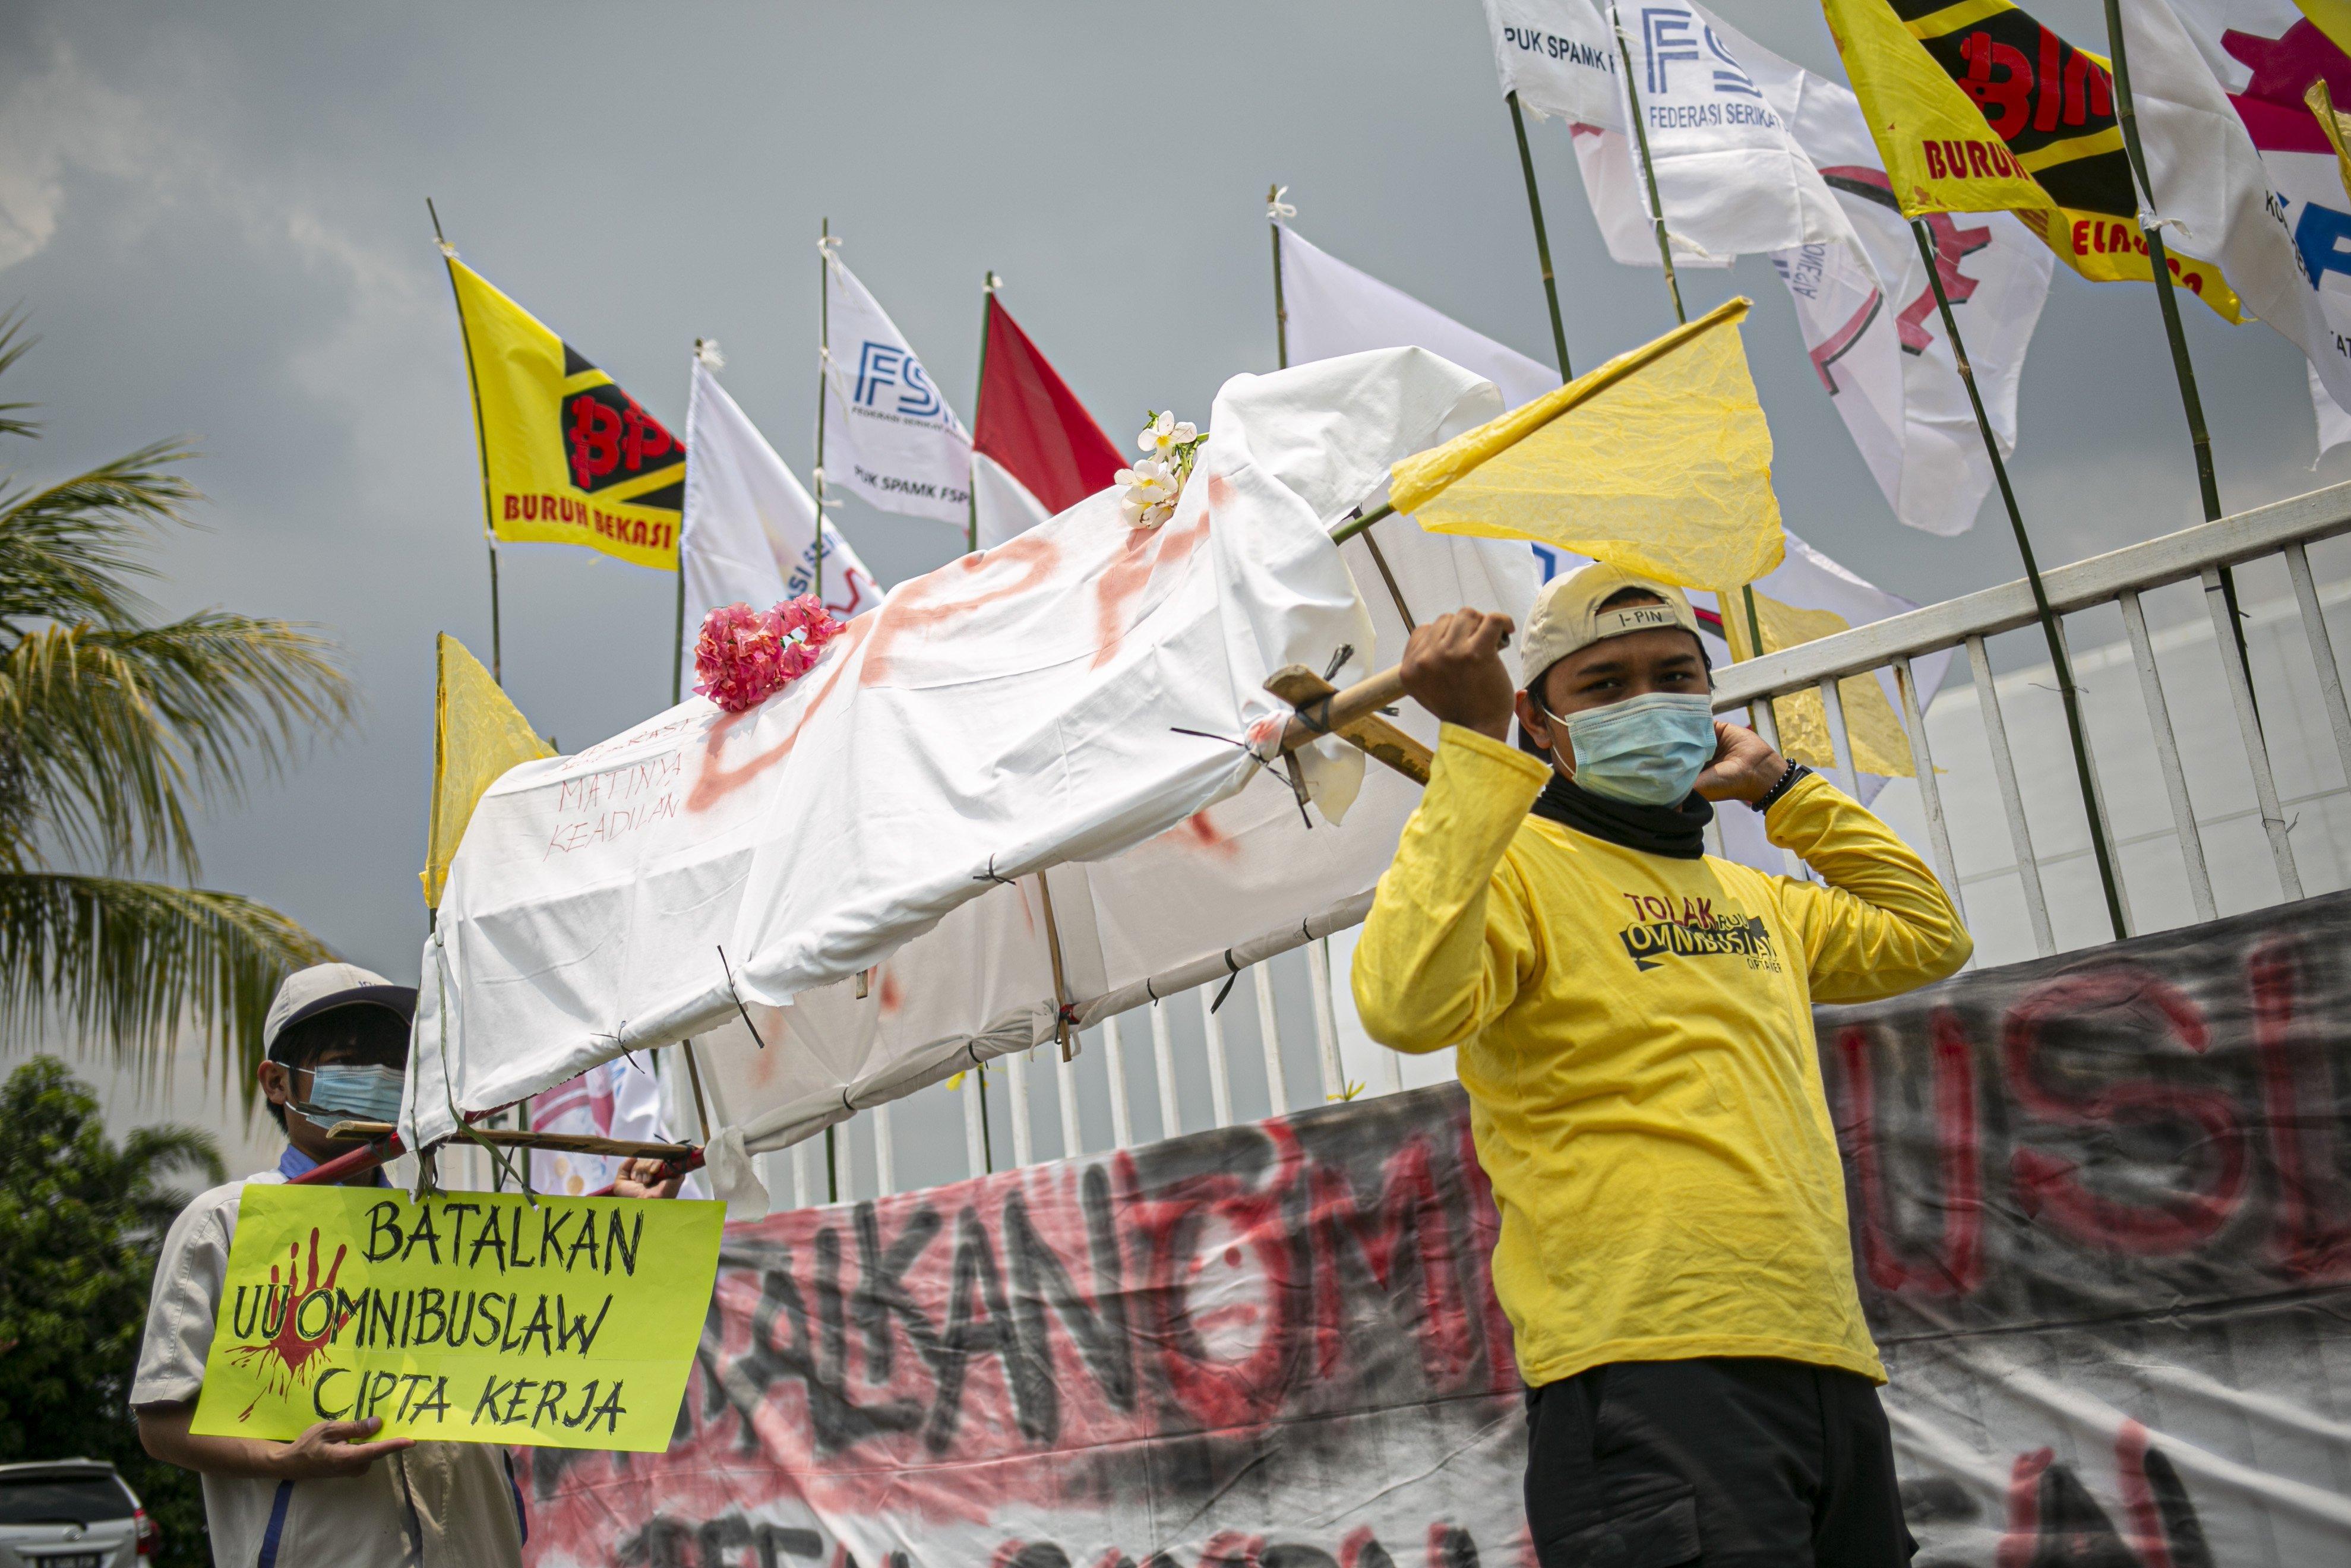 Sejumlah pekerja melakukan aksi teatrikal di Kawasan MM 2100, Cikarang, Kabupaten Bekasi, Selasa (6/10/2020). Aksi mogok kerja tersebut akibat pengesahan RUU Cipta Kerja oleh DPR dan Pemerintah RI.